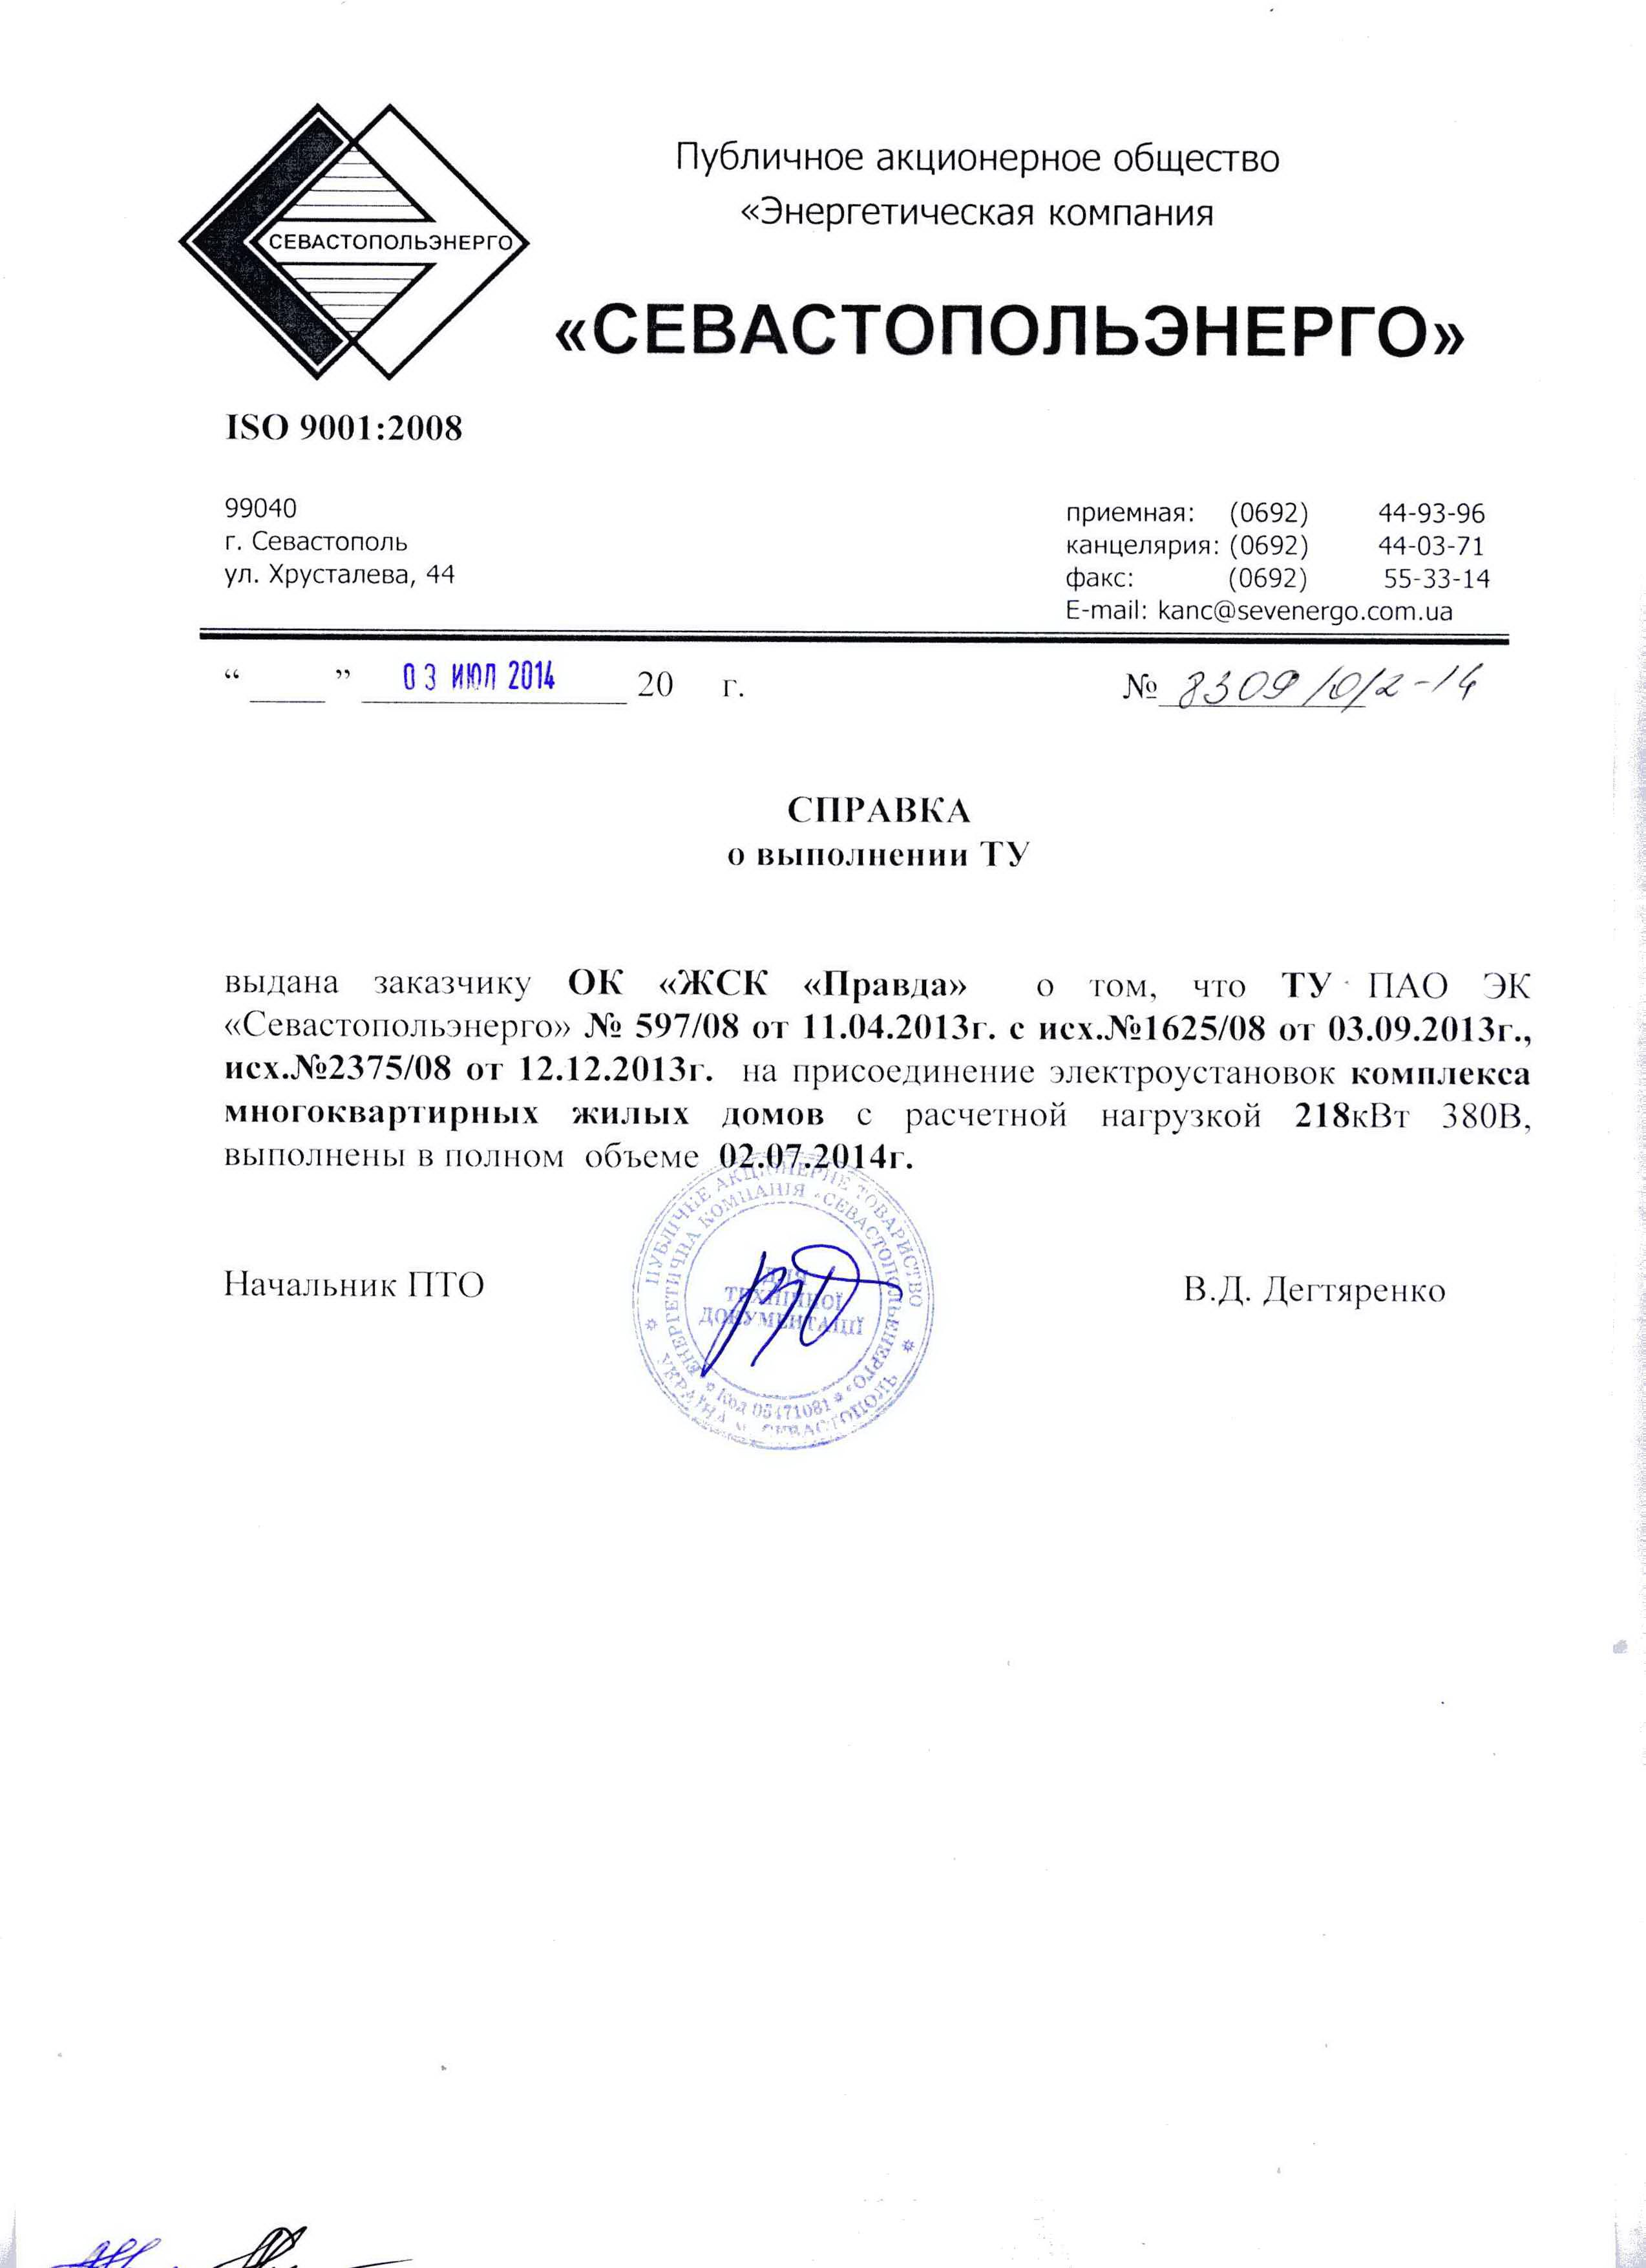 Заявление о внесении изменений в егрип 2016г - f